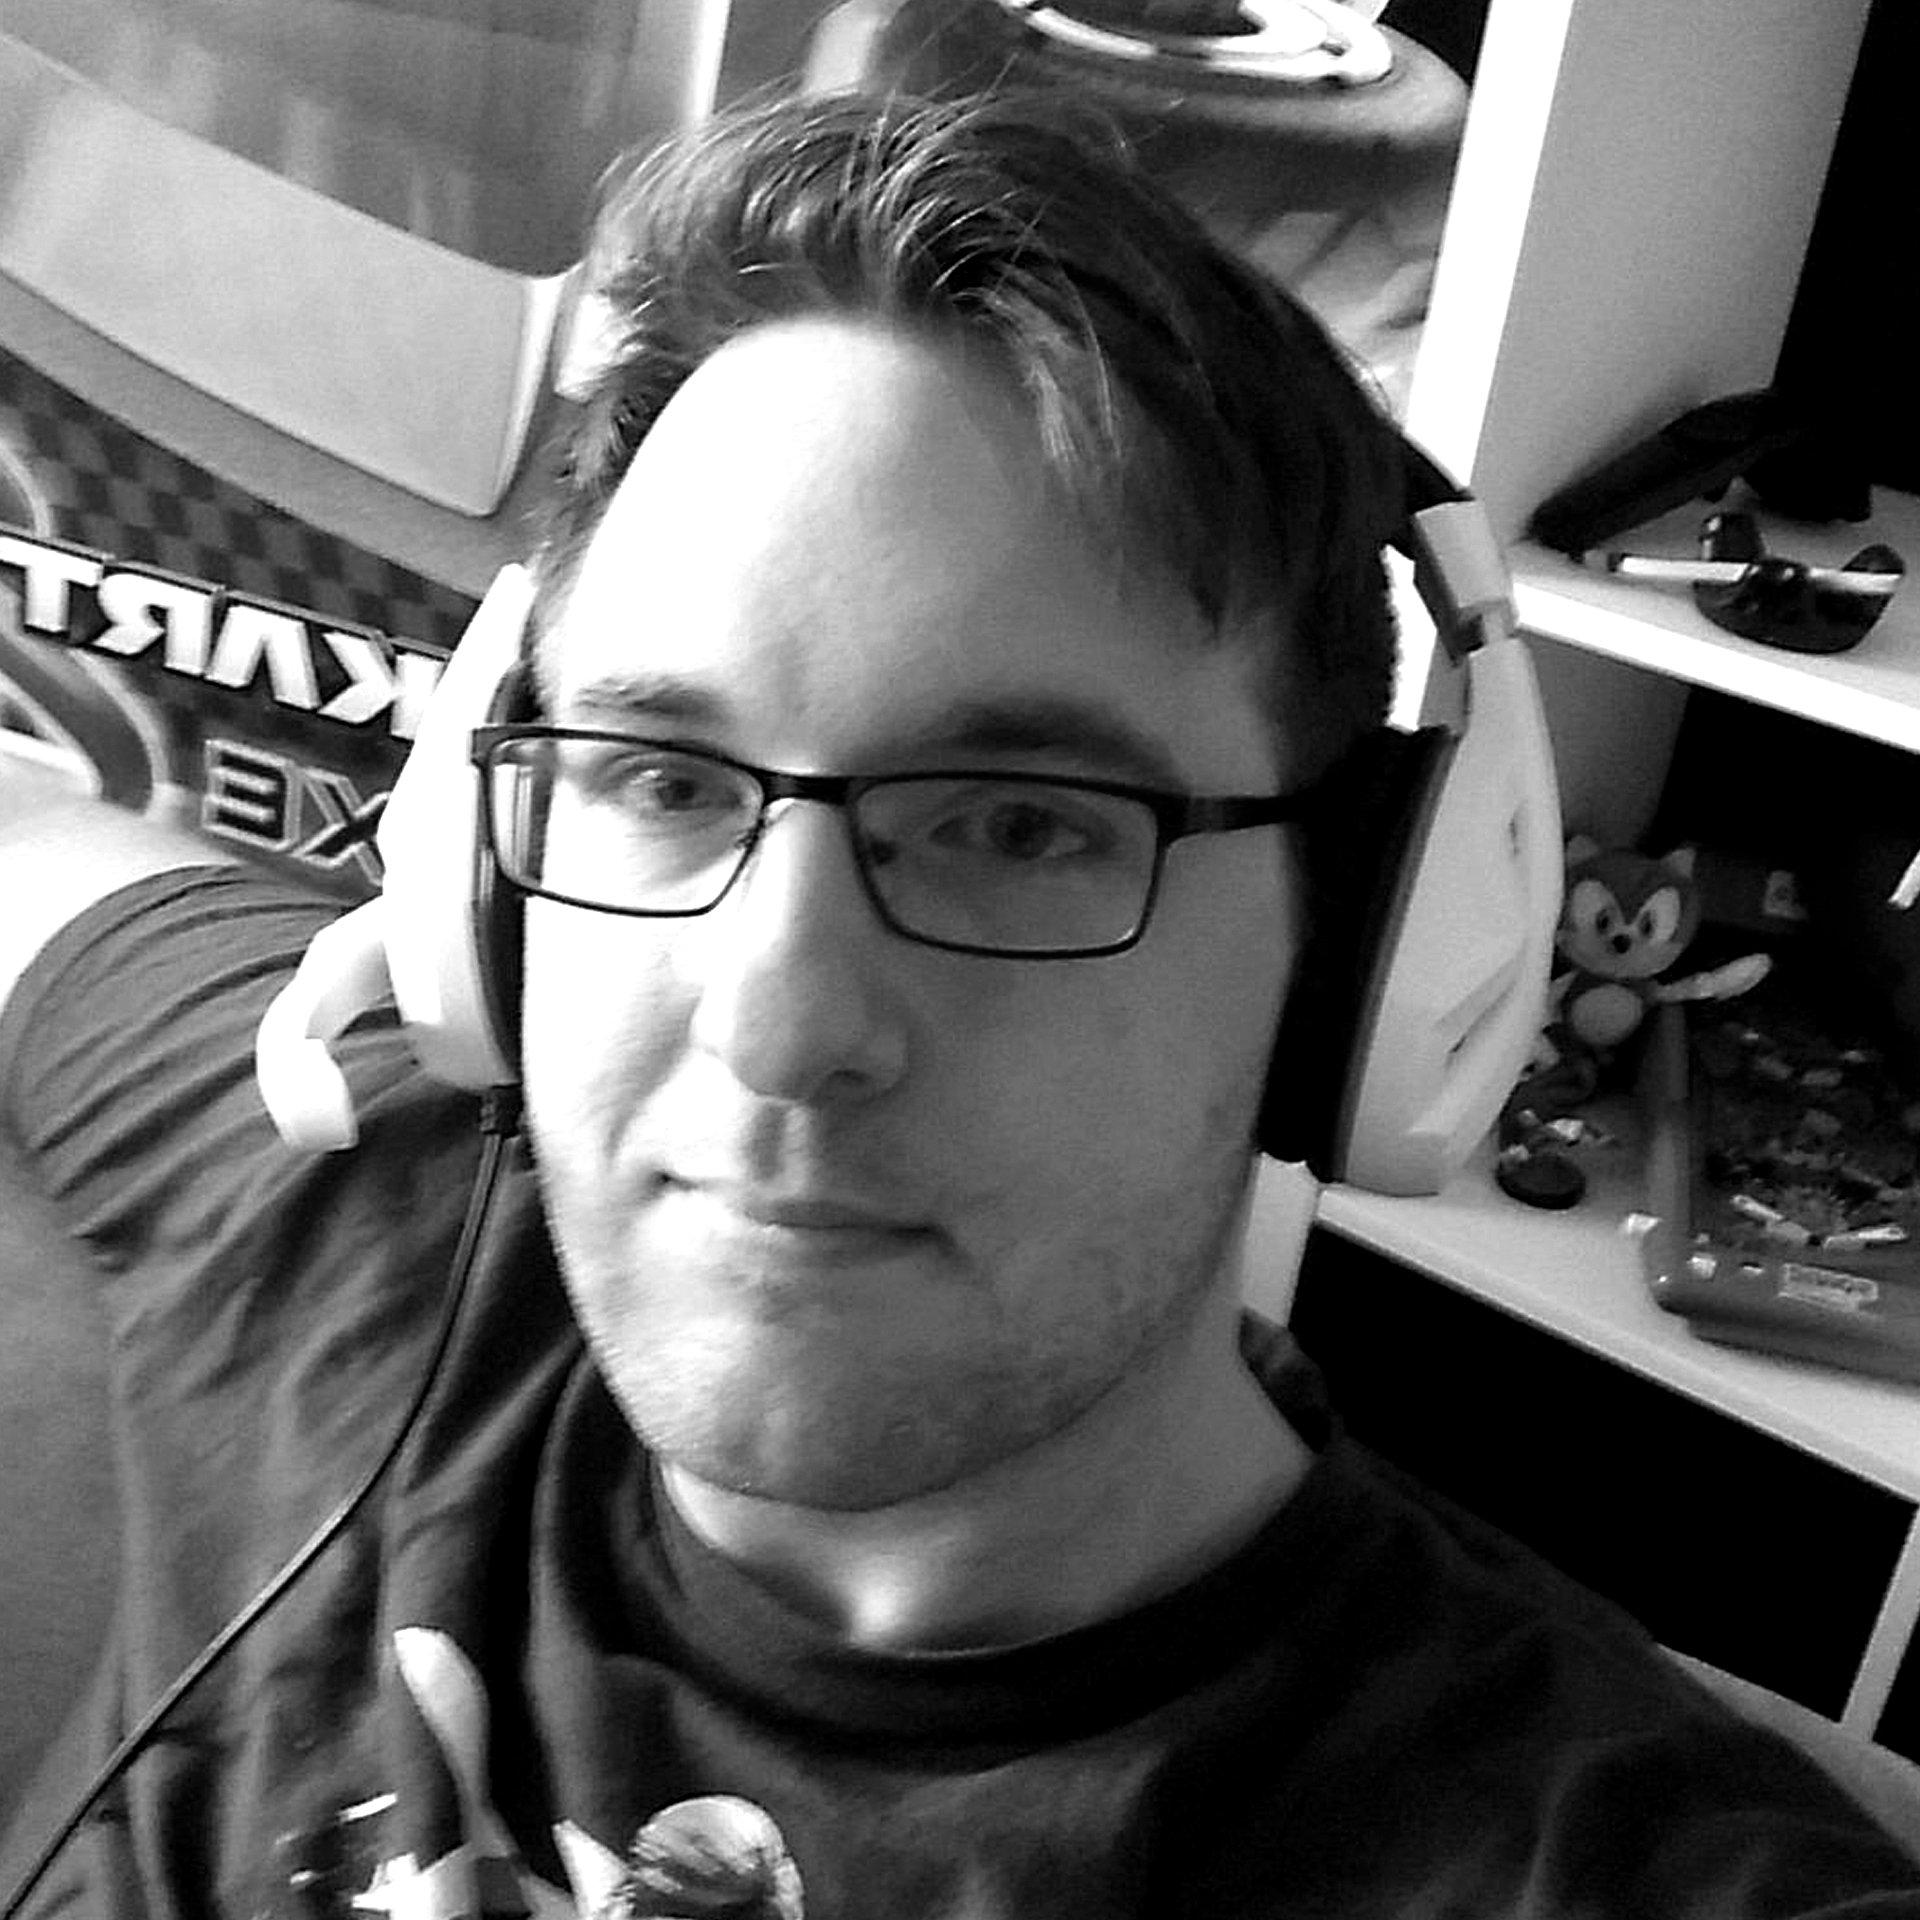 Begeistert: Christian Wasser, Gründer von @gamingclerks und Entwickler von @BlobCatGame, kommt als #Speaker zur #ADD_ON! #gamedev #games https://t.co/rnxVdC0Ksl